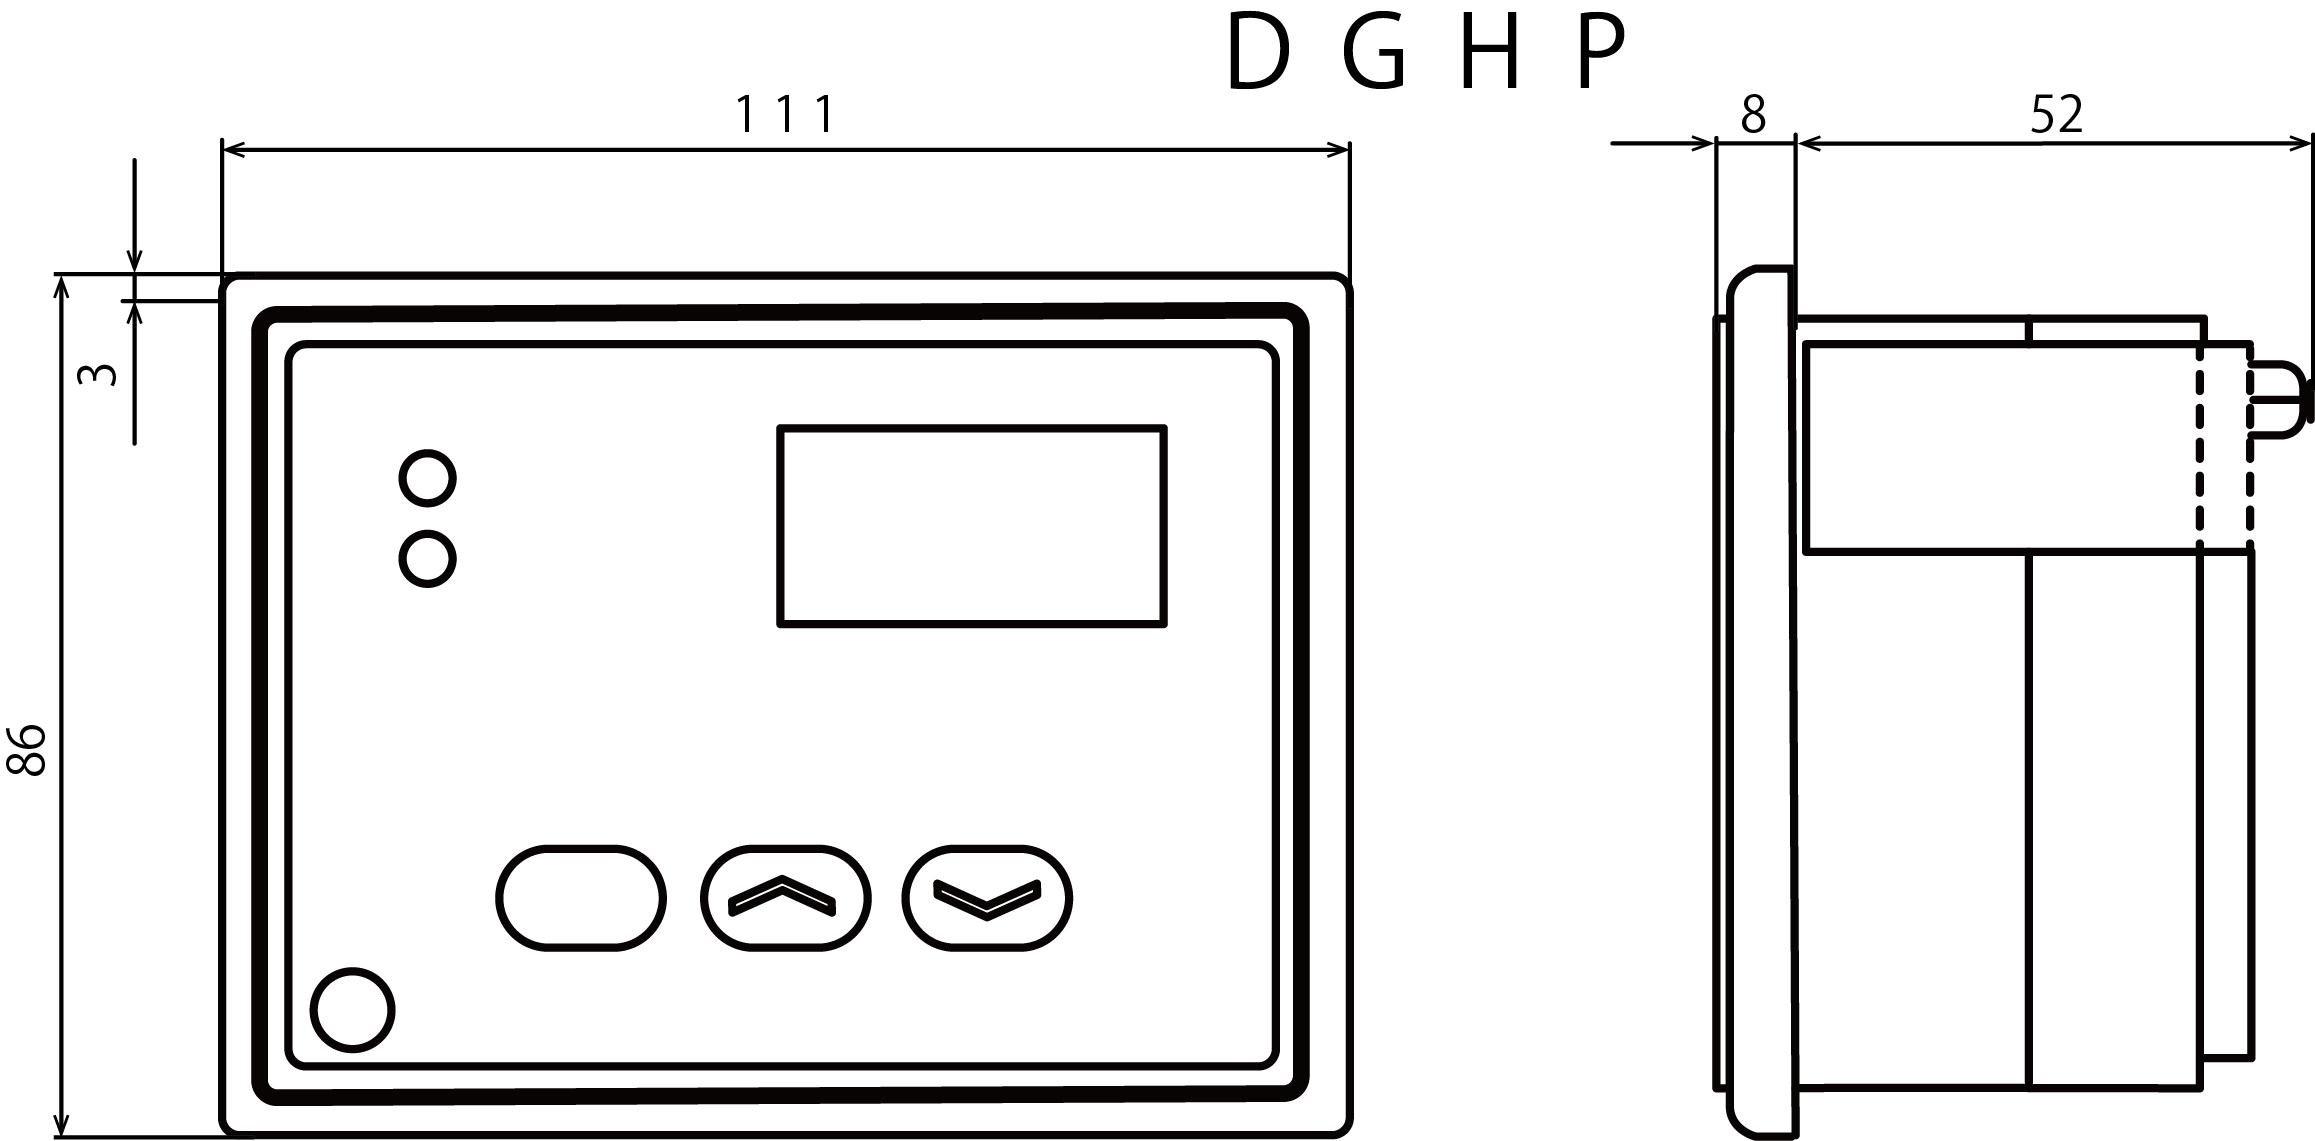 DGHP外形